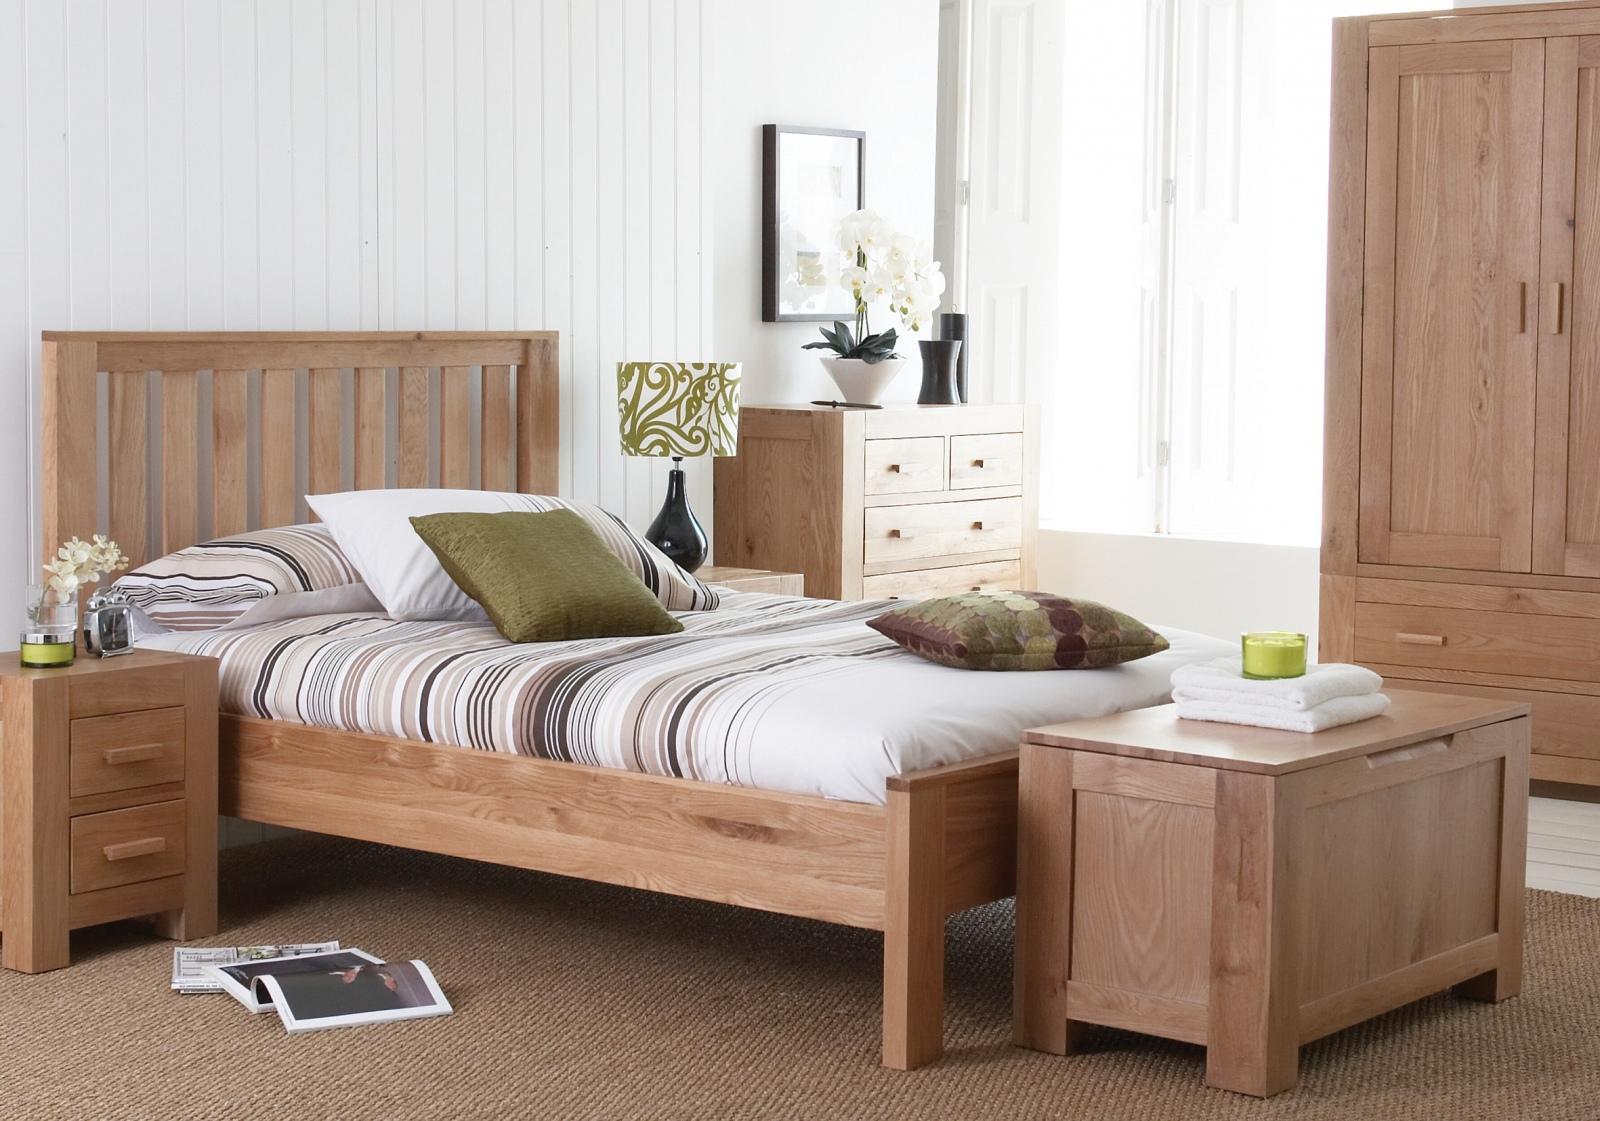 Minimalist-Small-Bedroom-236